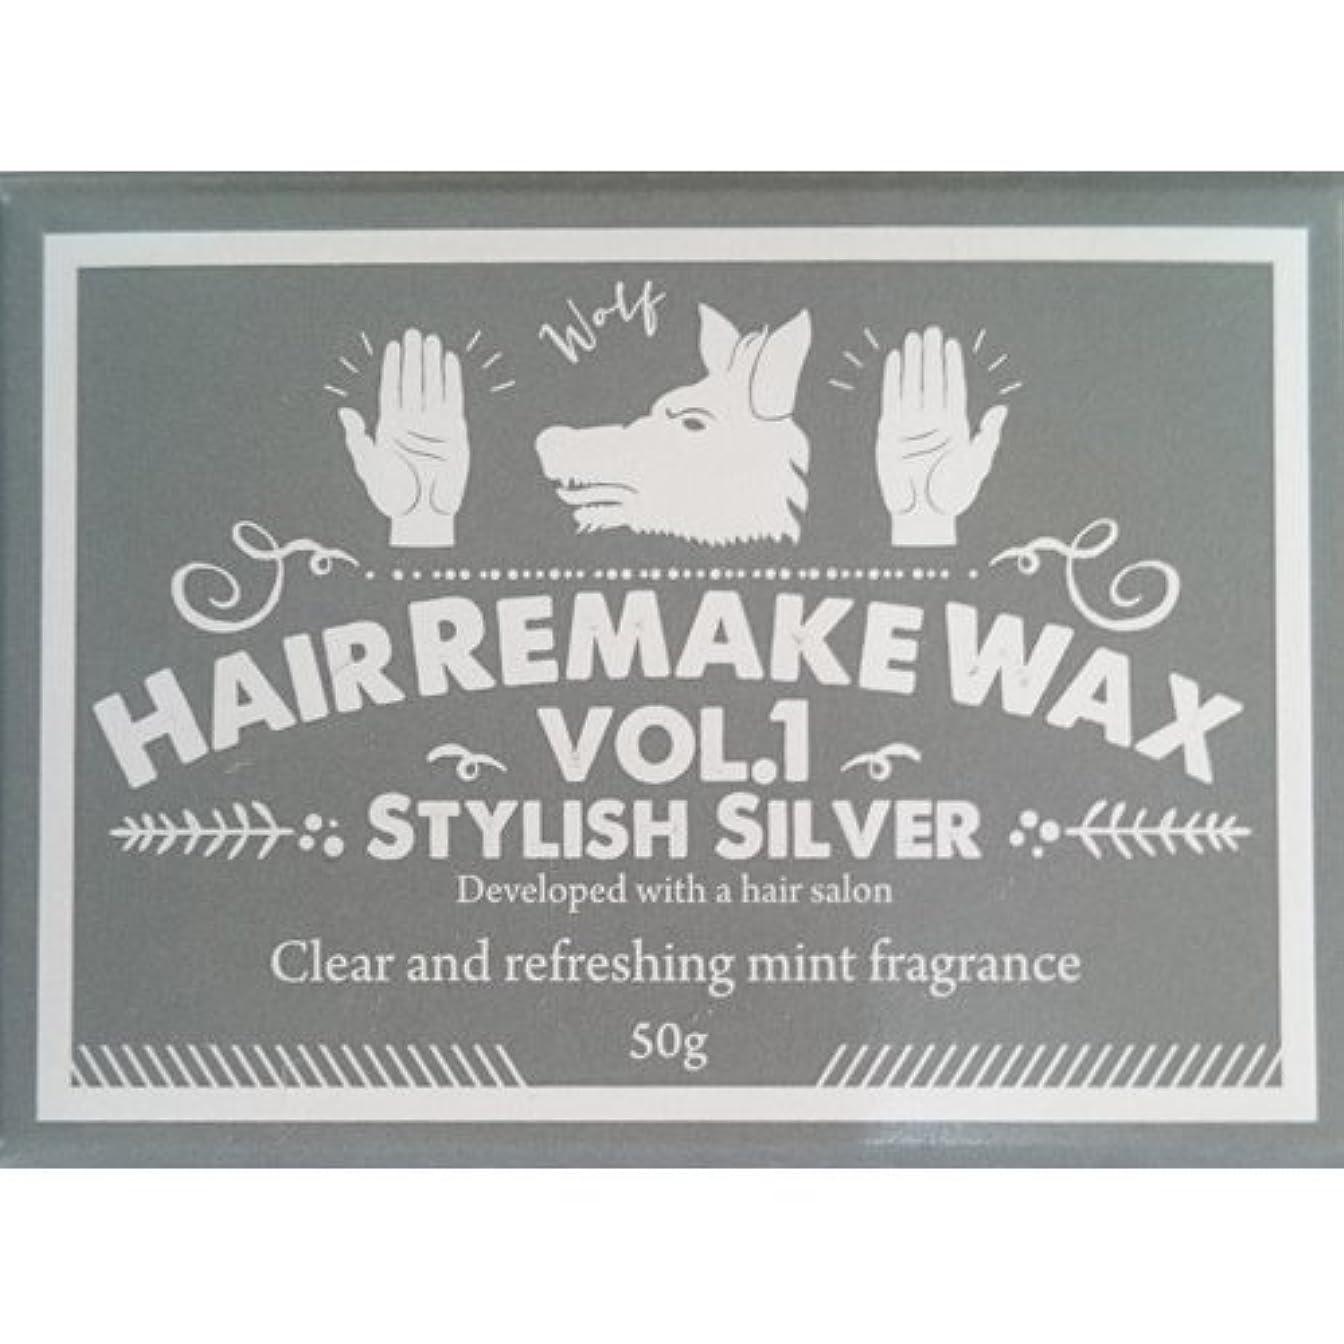 シットコムおんどり記念碑パーティー 変装 銀髪用 Hair Remake(ヘアーリメイクワックス)WAX Vol.1 スタイリッシュシルバー 50g